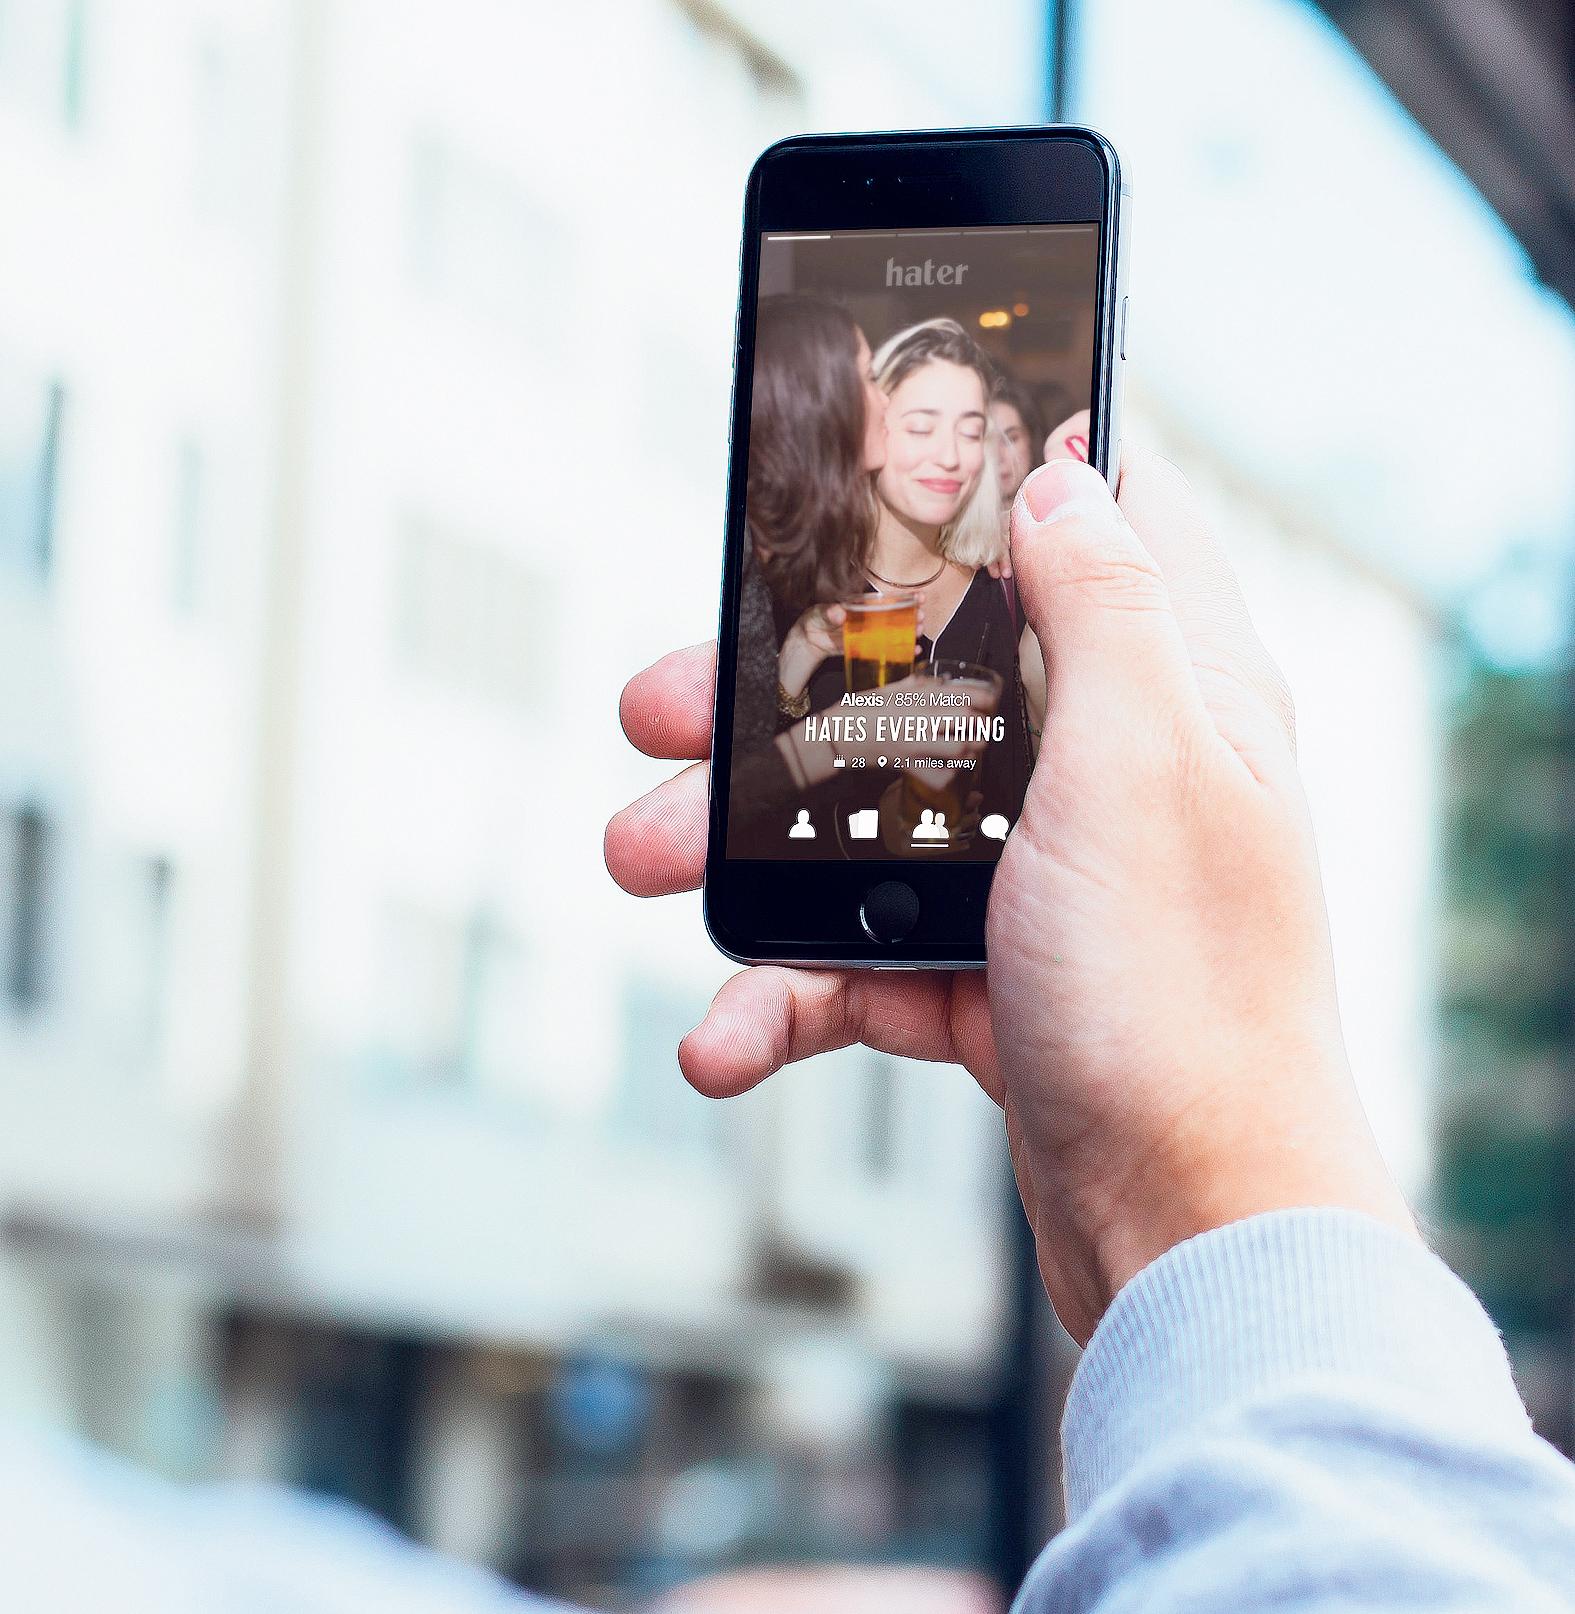 שונאים סיפור אהבה: האפליקציה שתמצא לכם מישהו לקטר איתו